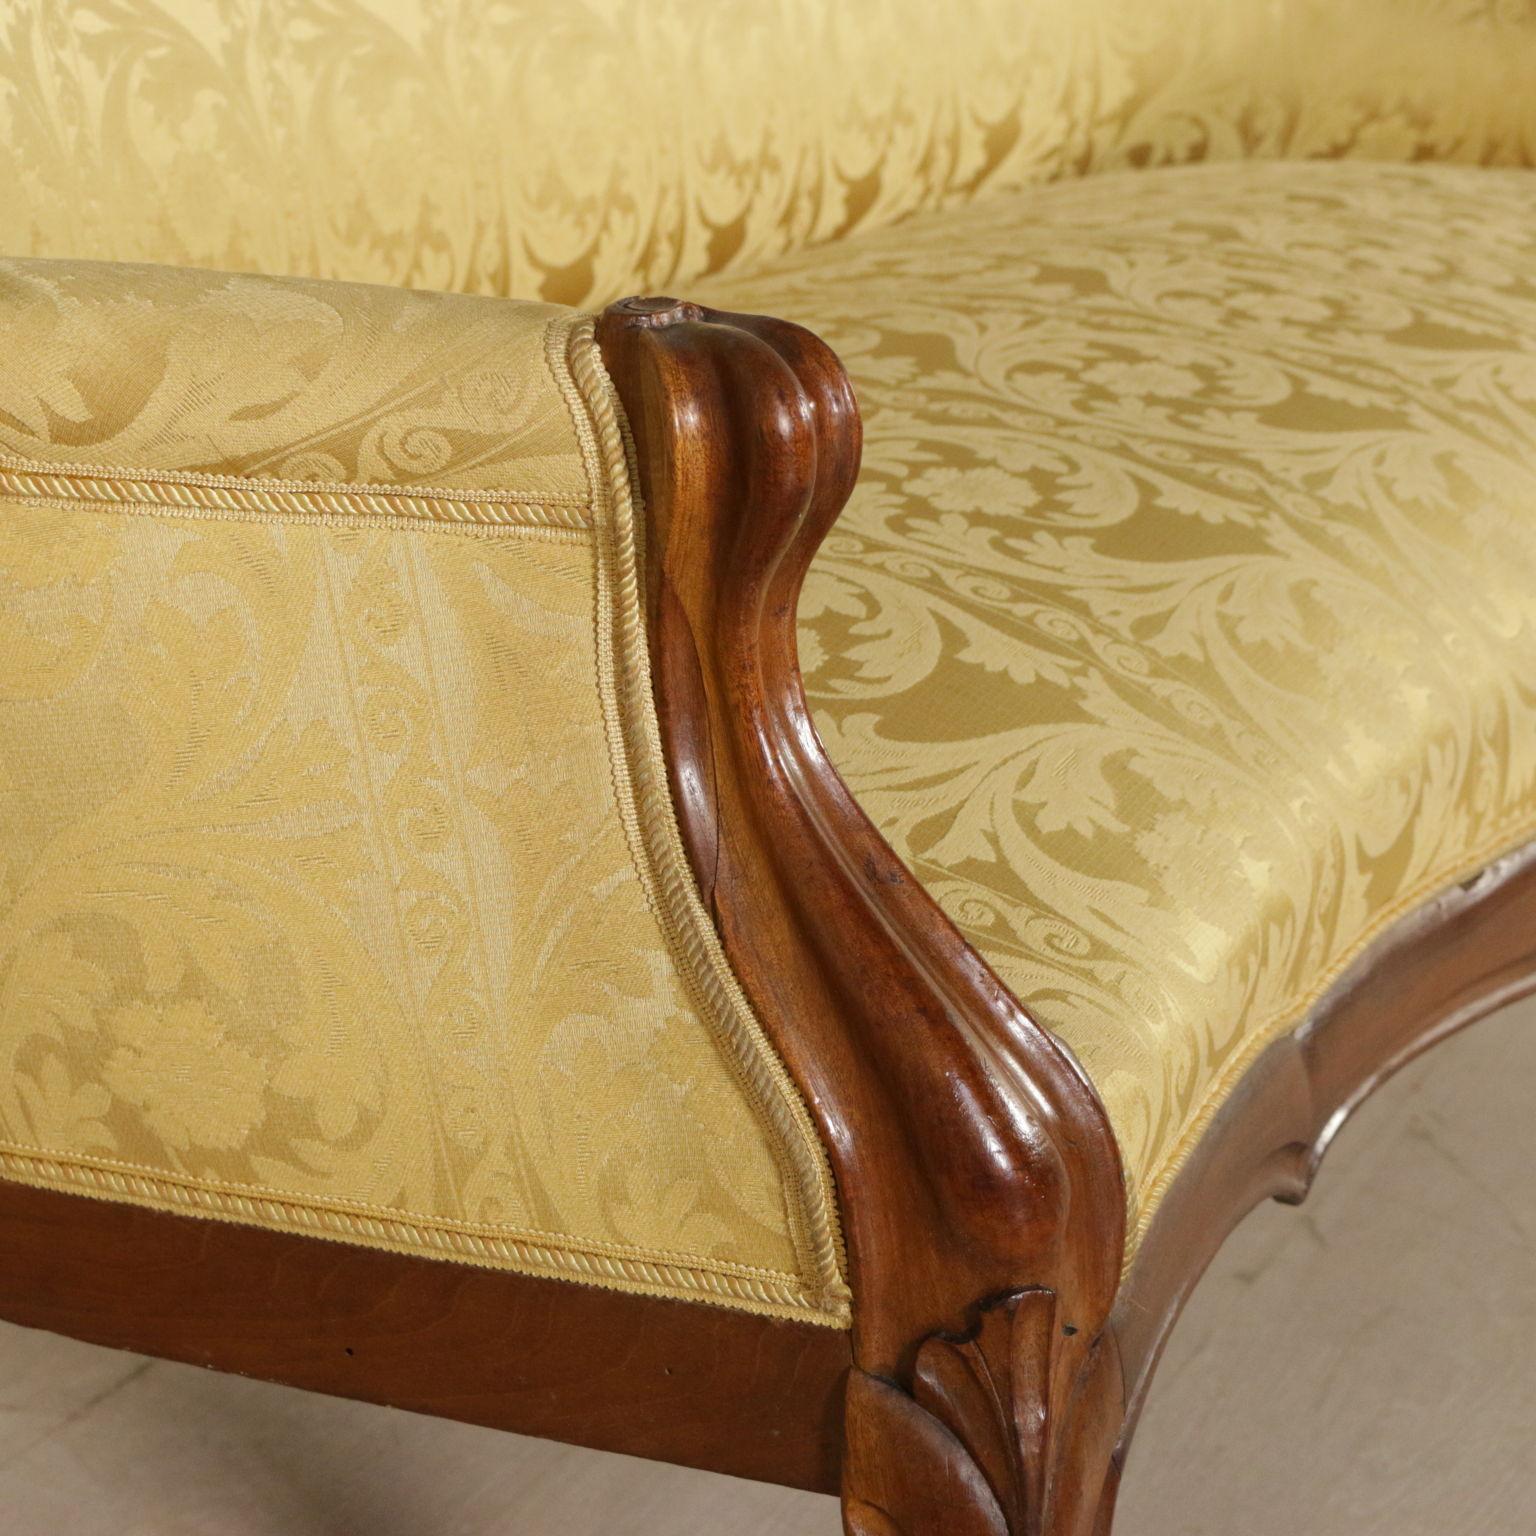 Divano E Poltrone Luigi Filippo divano luigi filippo - sedie poltrone divani - antiquariato